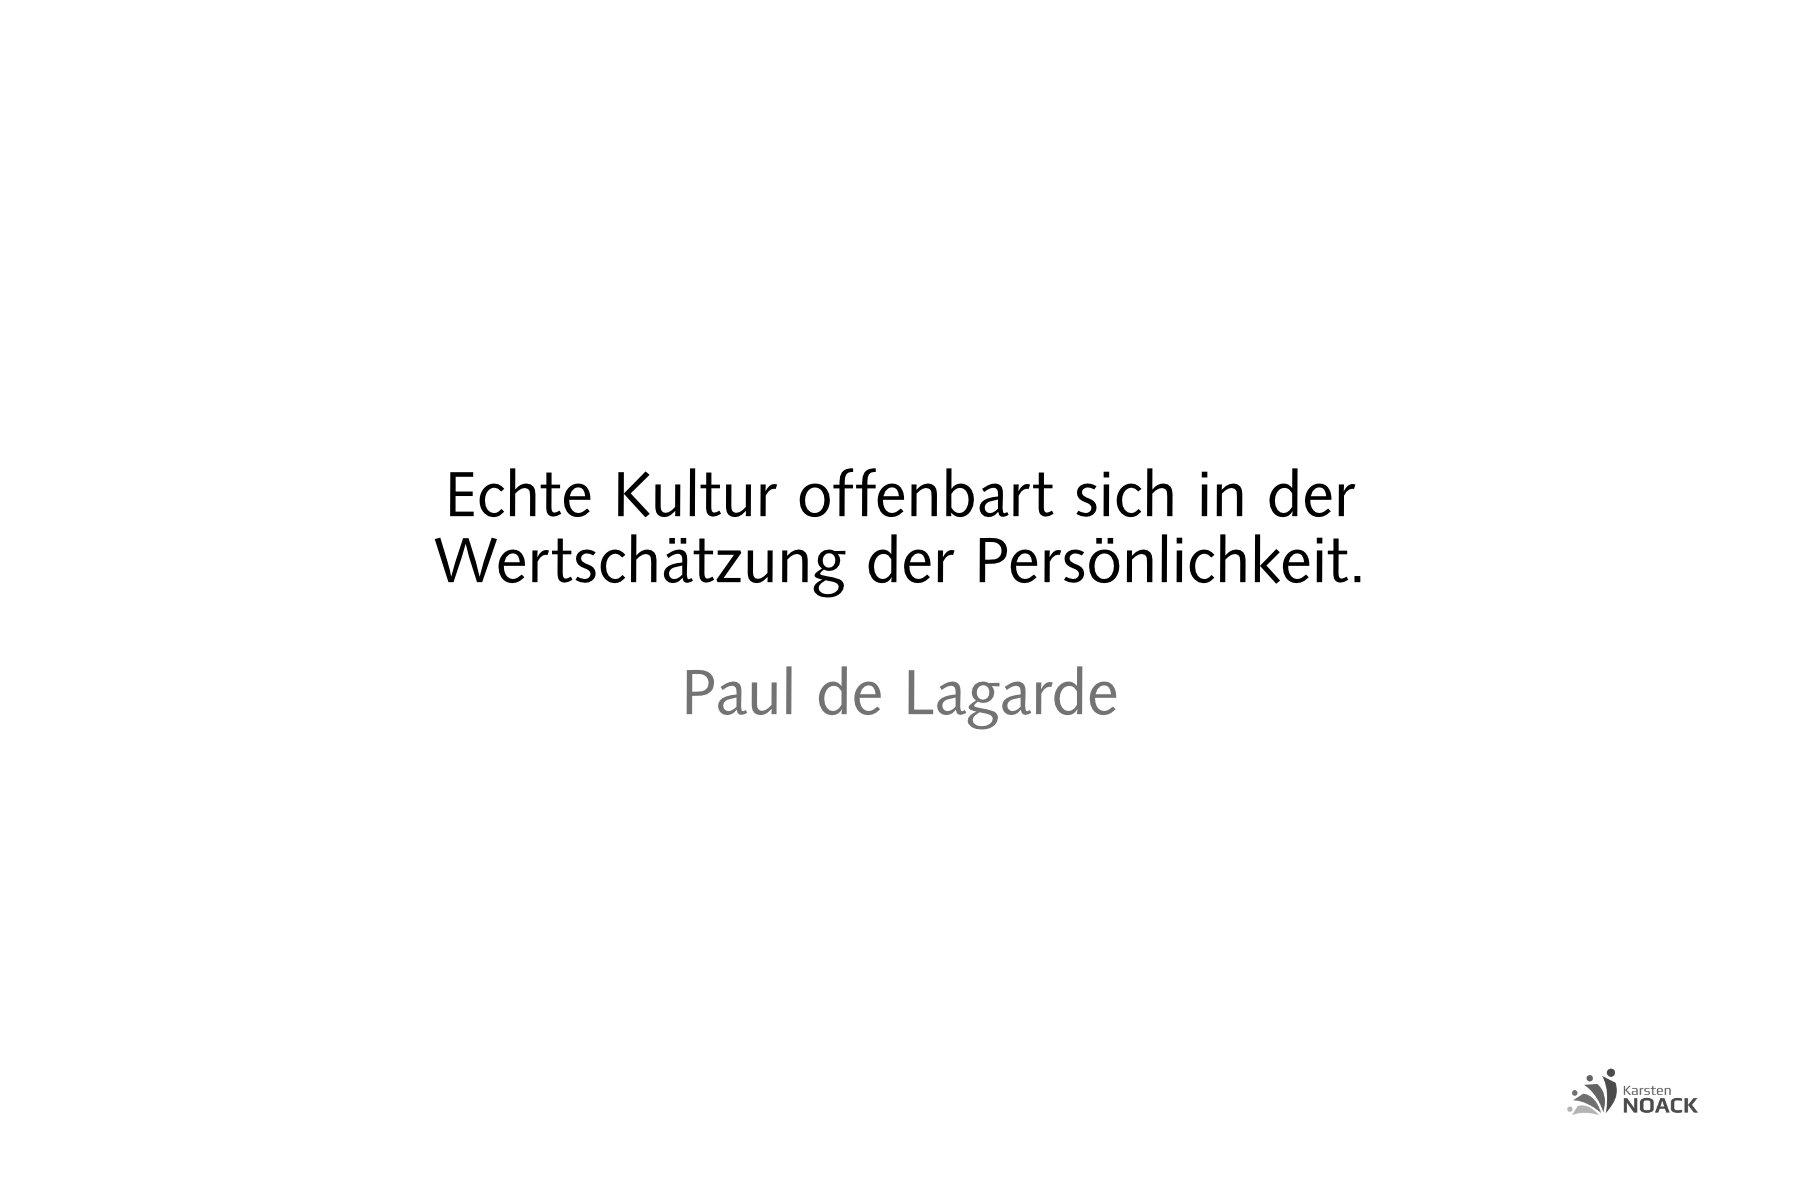 Echte Kultur offenbart sich in der Wertschätzung der Persönlichkeit. Paul de Lagarde